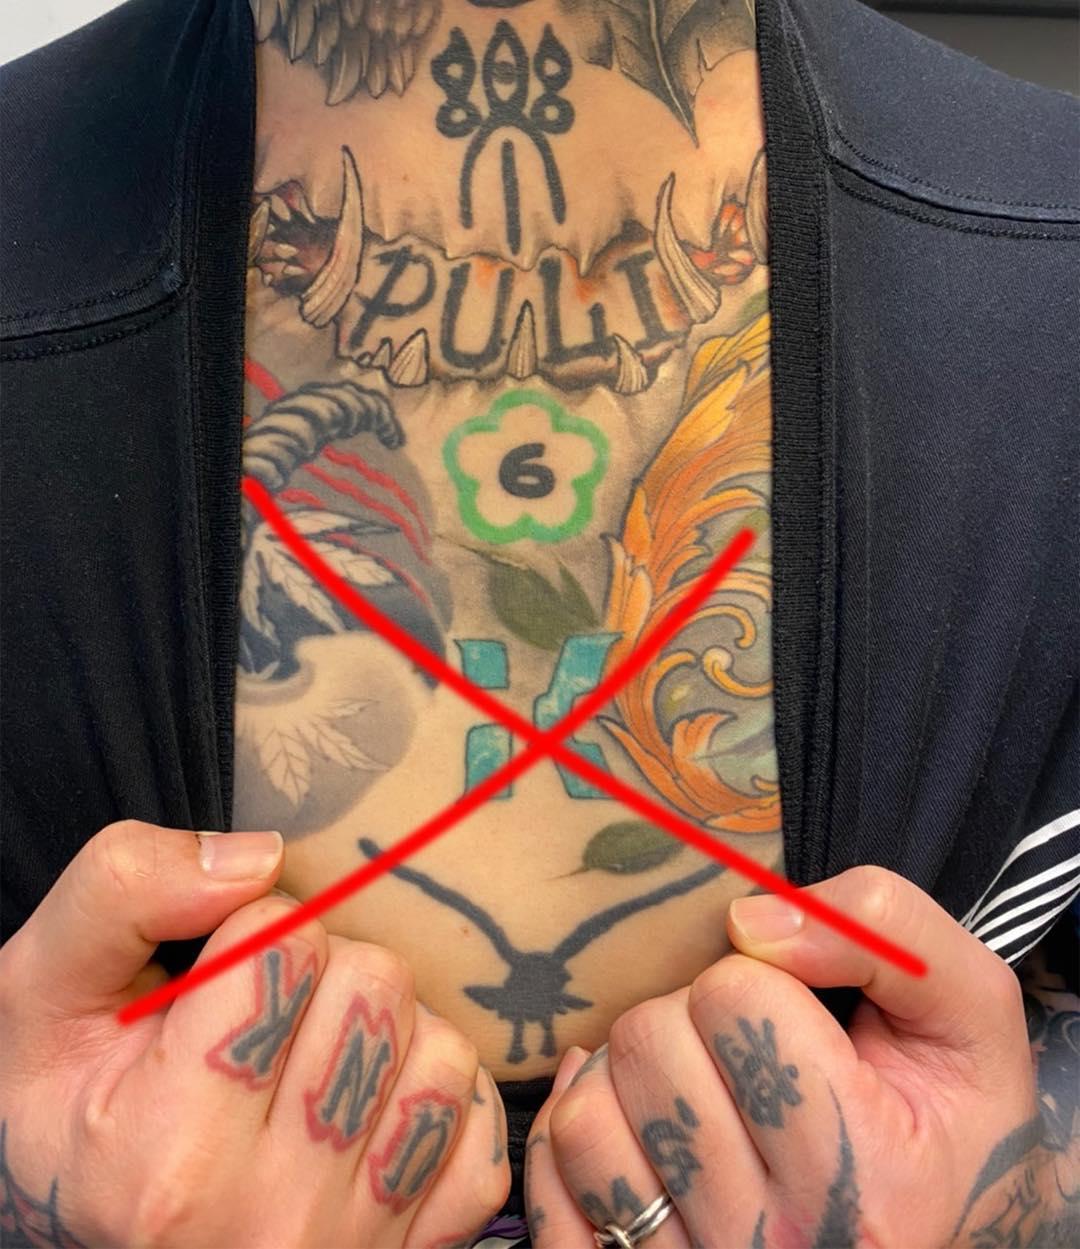 謝和弦為表達對柯文哲及民眾黨不滿,把刺青在身上象徵民眾黨的logo畫上了紅色大叉叉。(翻攝自謝和弦臉書)